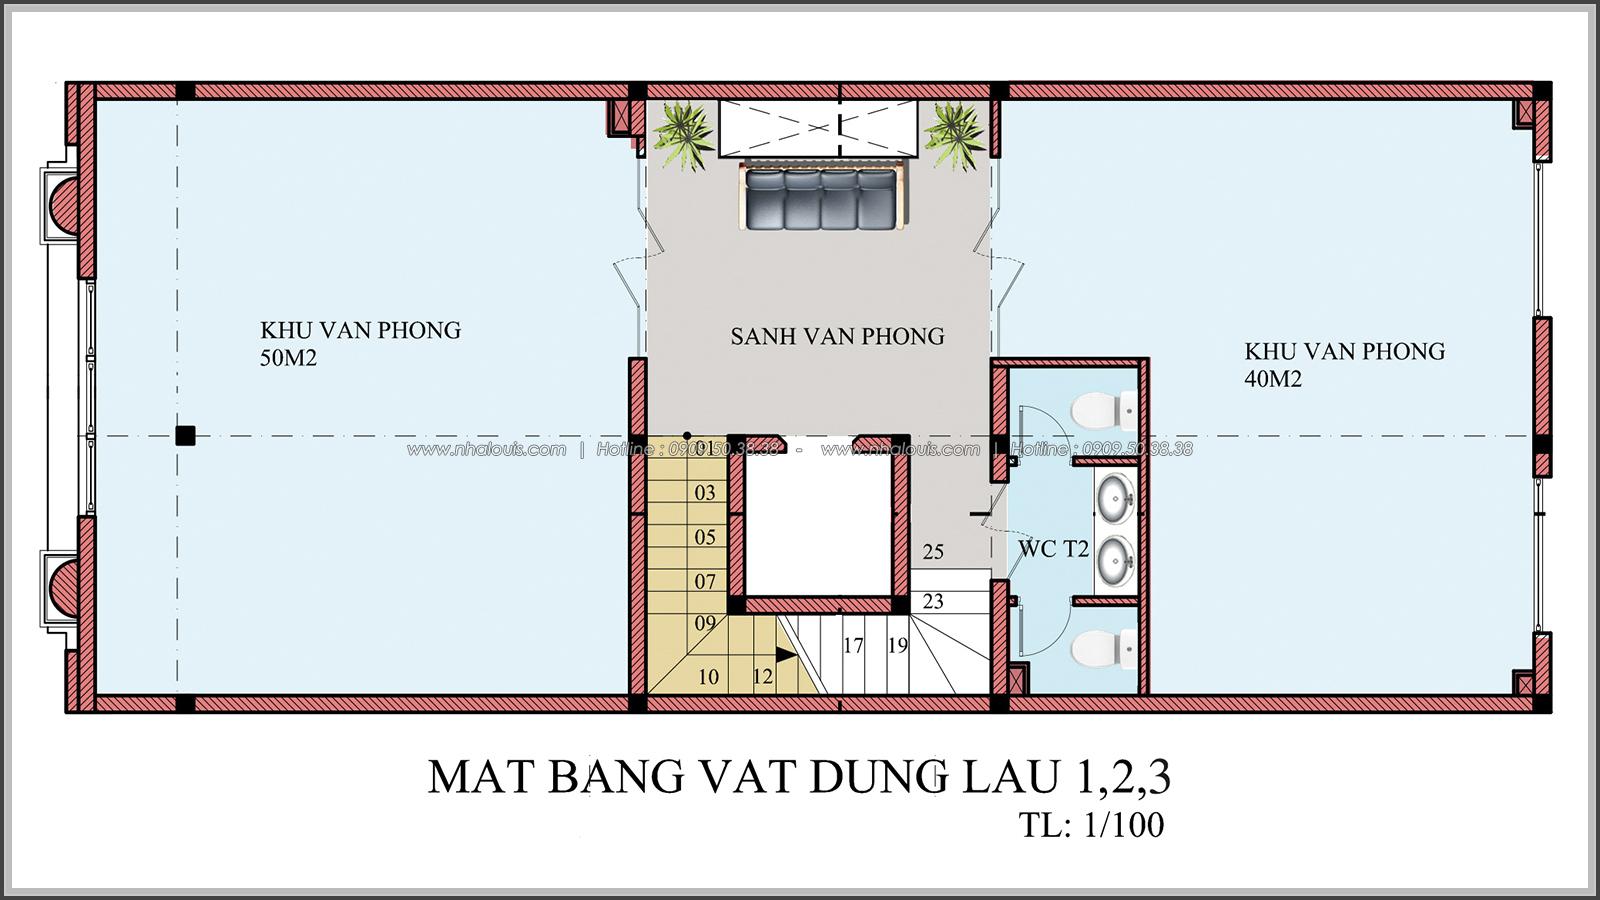 Đẳng cấp thiết kế penthouse với nội thất cực chất anh Kim quận Tân Bình - 10